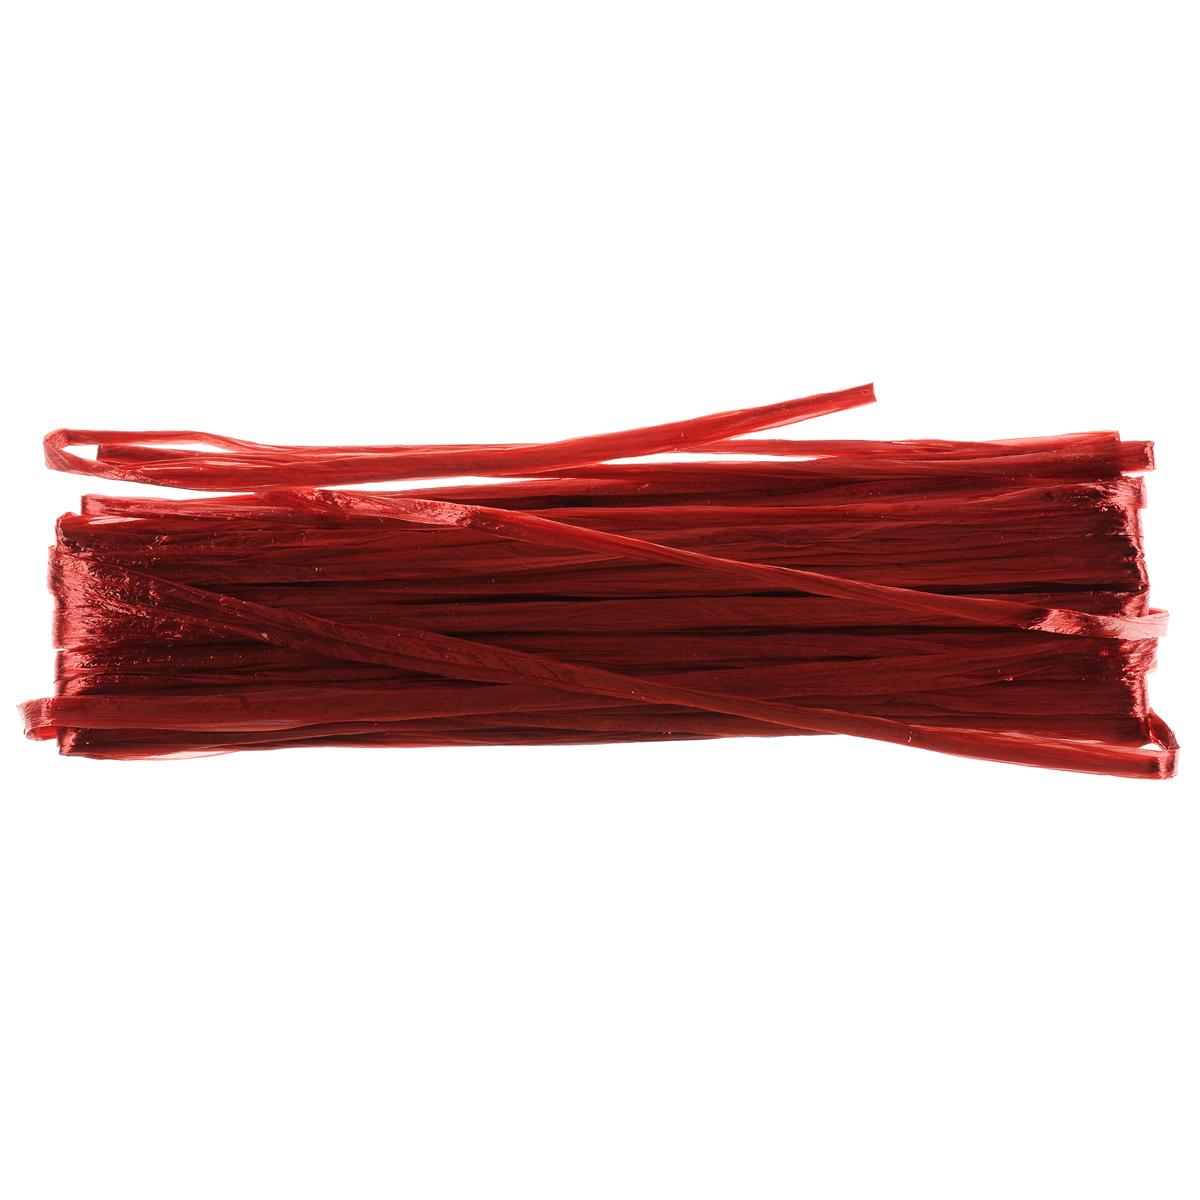 Рафия Hobby Time, цвет: красный (419), длина 20 м318261Рафия Hobby Time, изготовленная из бумаги, широко применяется для упаковки подарков, оформления цветочных композиций. Бумажная рафия так же подойдет и в декоре работ в стиле скрапбукинг. Из нее можно изготовить оригинальные цветочные композиции. Расправьте рафию и вы получите широкую бумажную и мягкую ленту. Рукодельницы используют рафию вместо бумаги или в качестве декоративных лент для упаковки подарков. Например, окрашенную в разные цвета, рафию можно использовать в качестве ленты для украшения подарочных коробочек. Длина: 20 м.